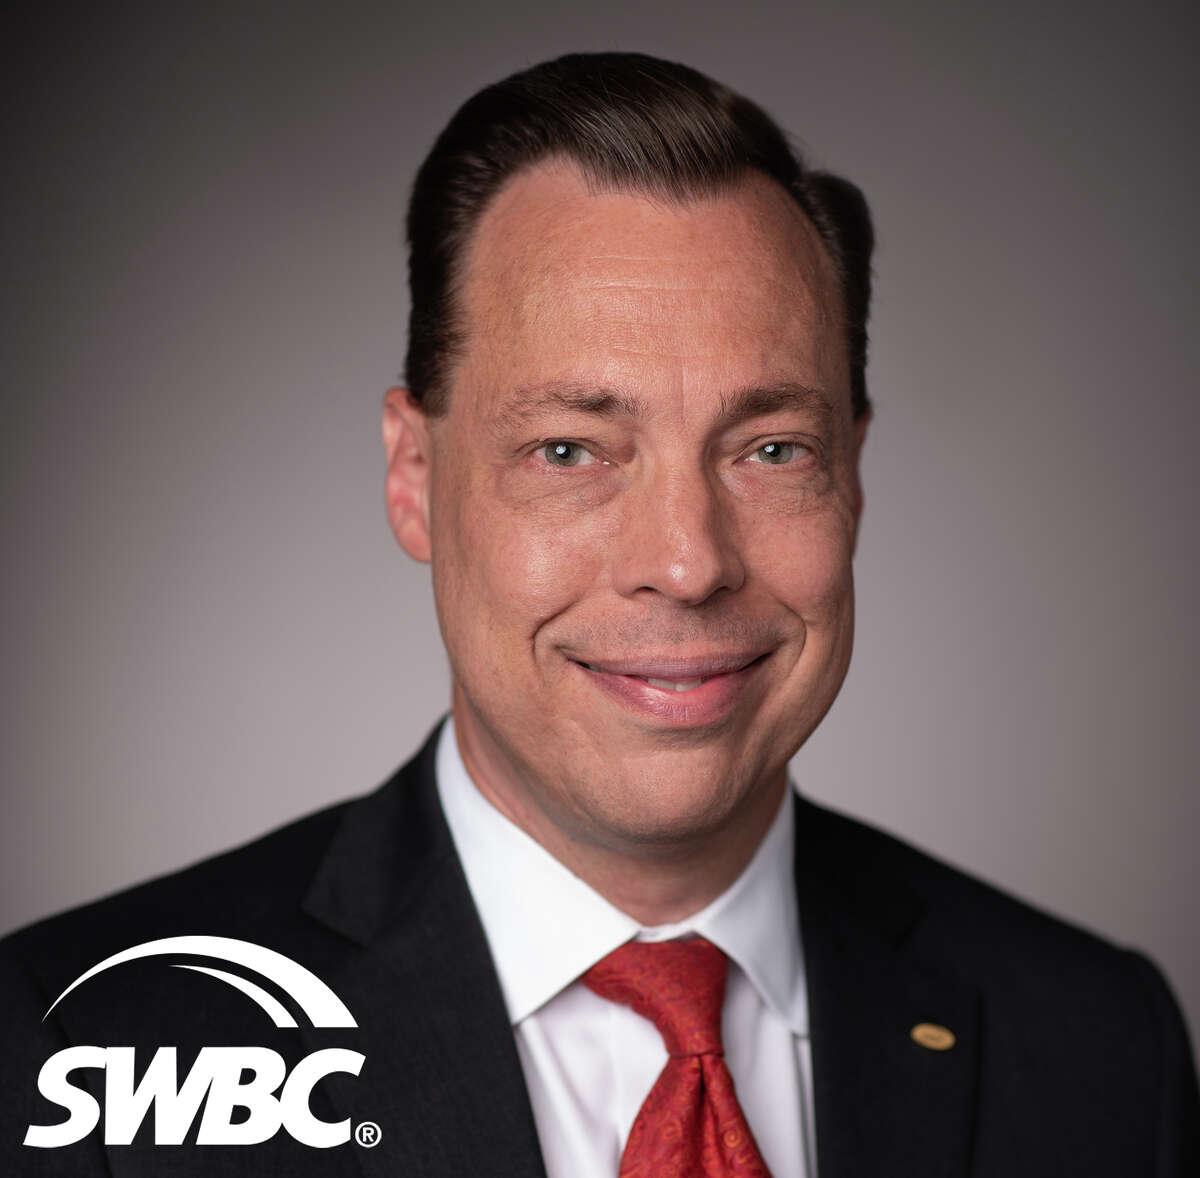 Blake Hastings, Senior Vice President of Corporate Development for SWBC.